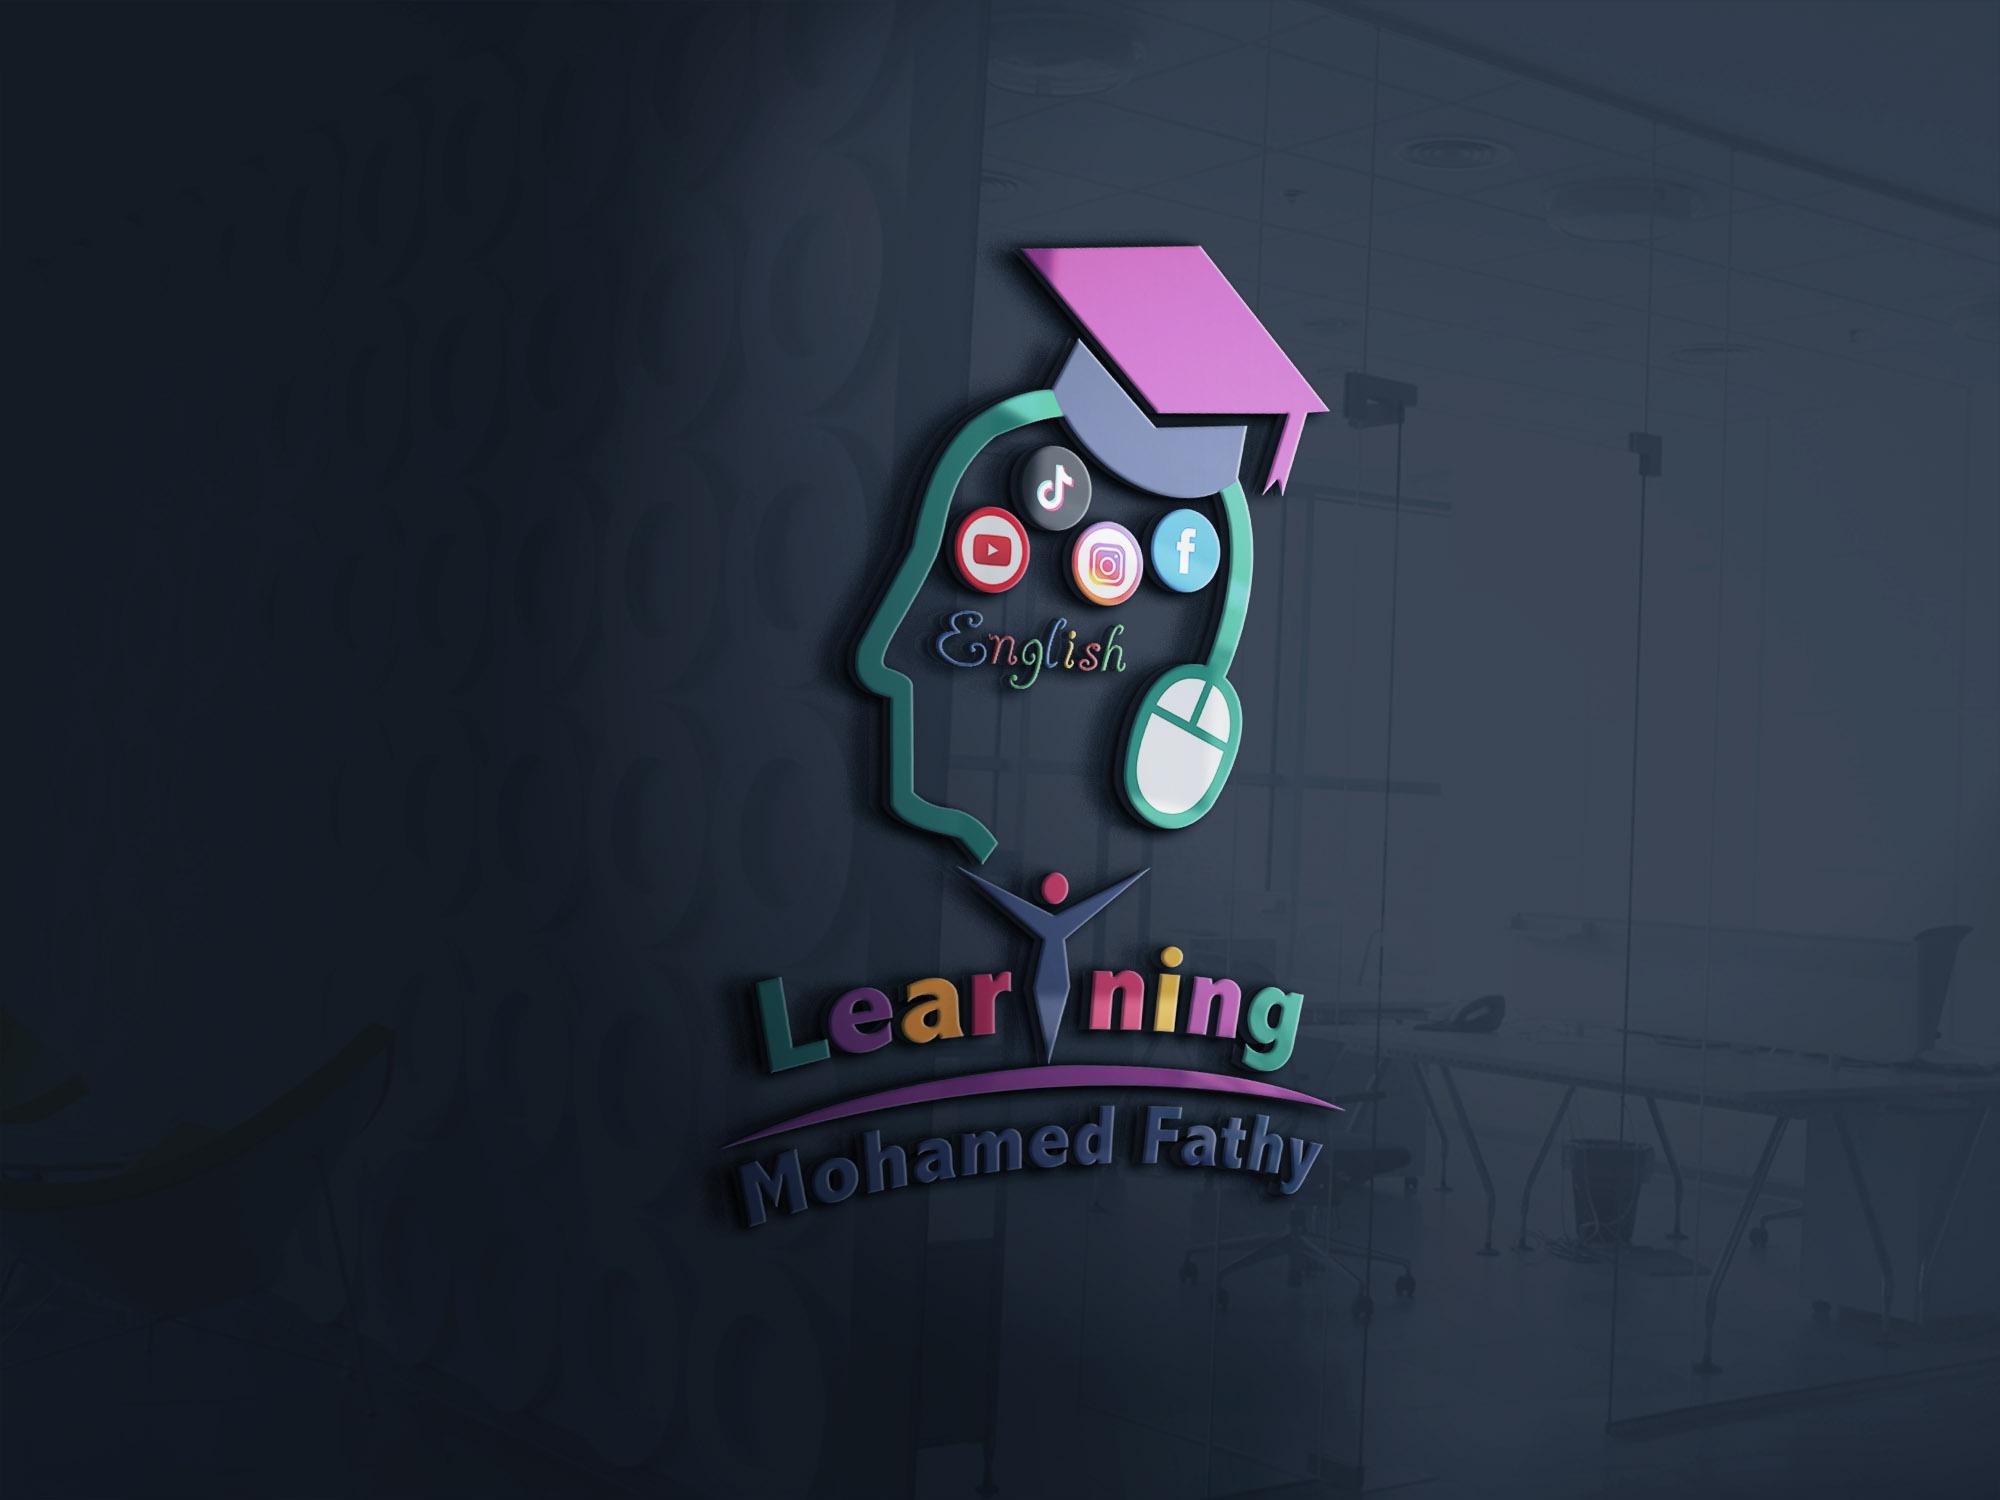 موكاب تصميم شعار لوجو قناة يوتيوب محمد فتحي لتعليم الإنجليزية وتطوير الذات والتطبيقات ومواقع الويب 1